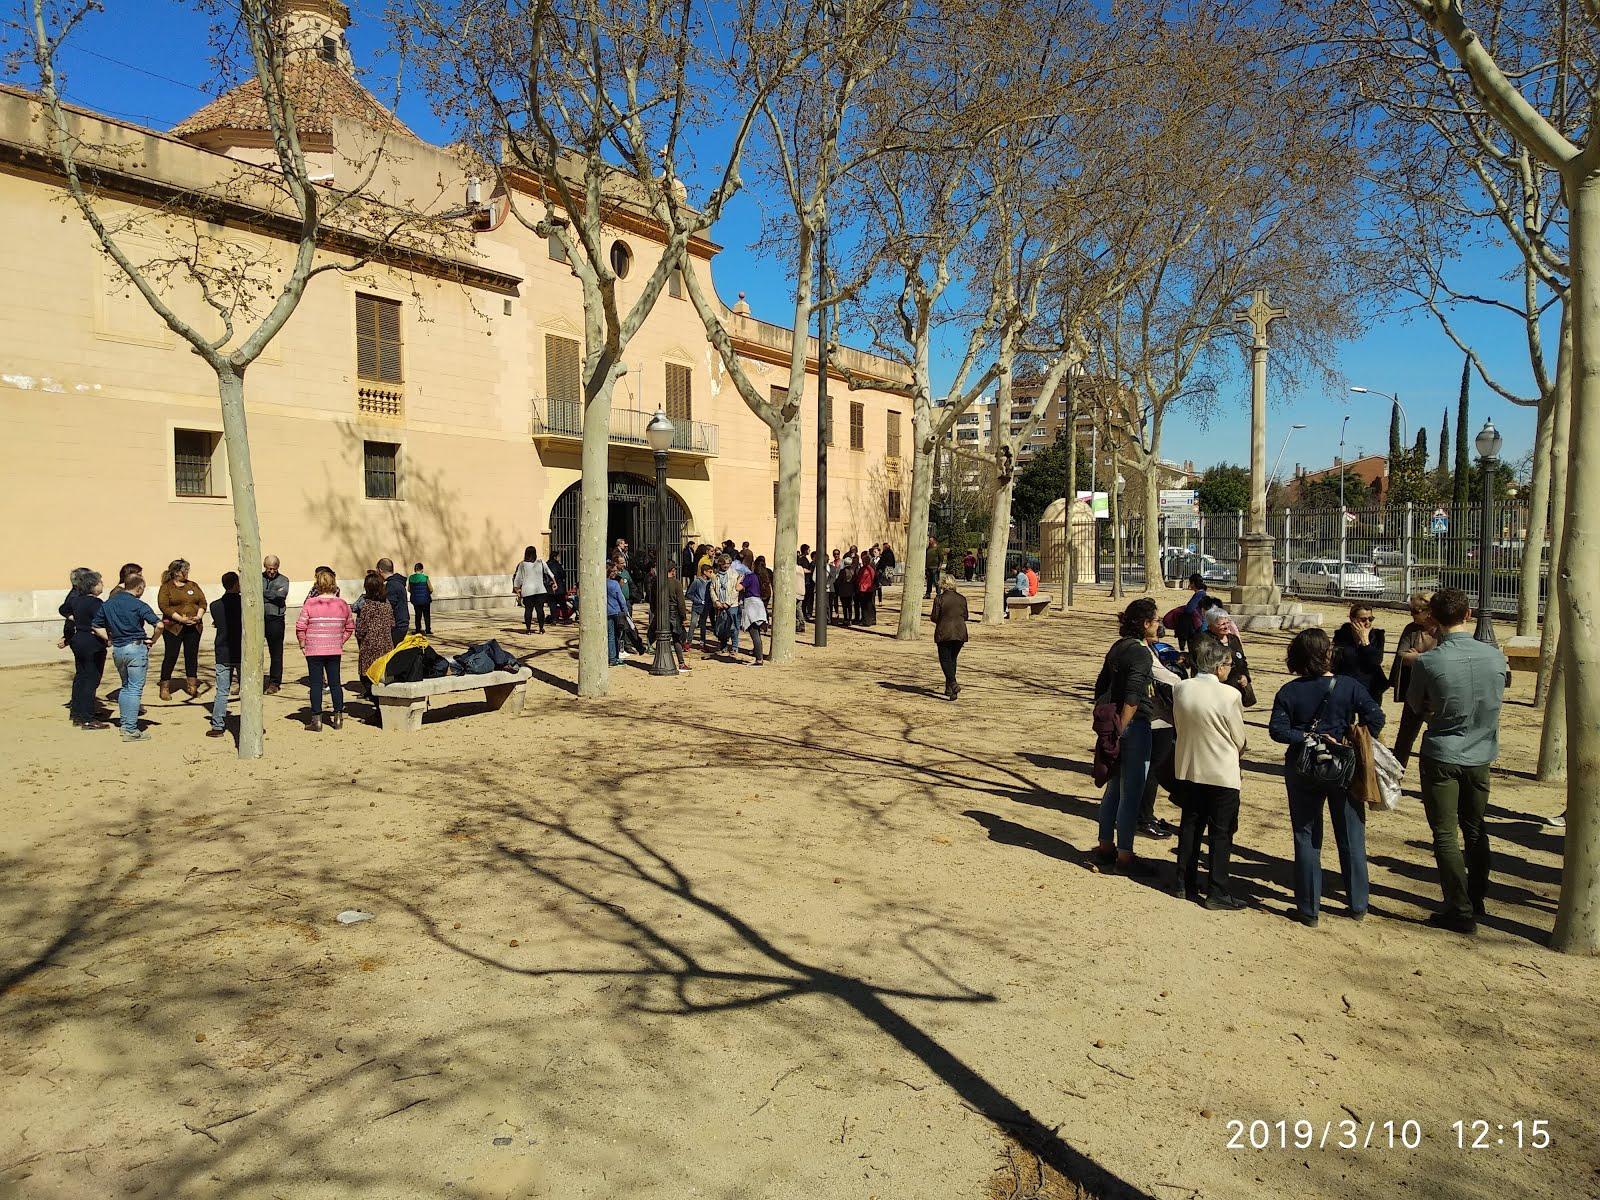 Peregrinació dels fidels de la parròquia de Sant Joan Baptista de Reus